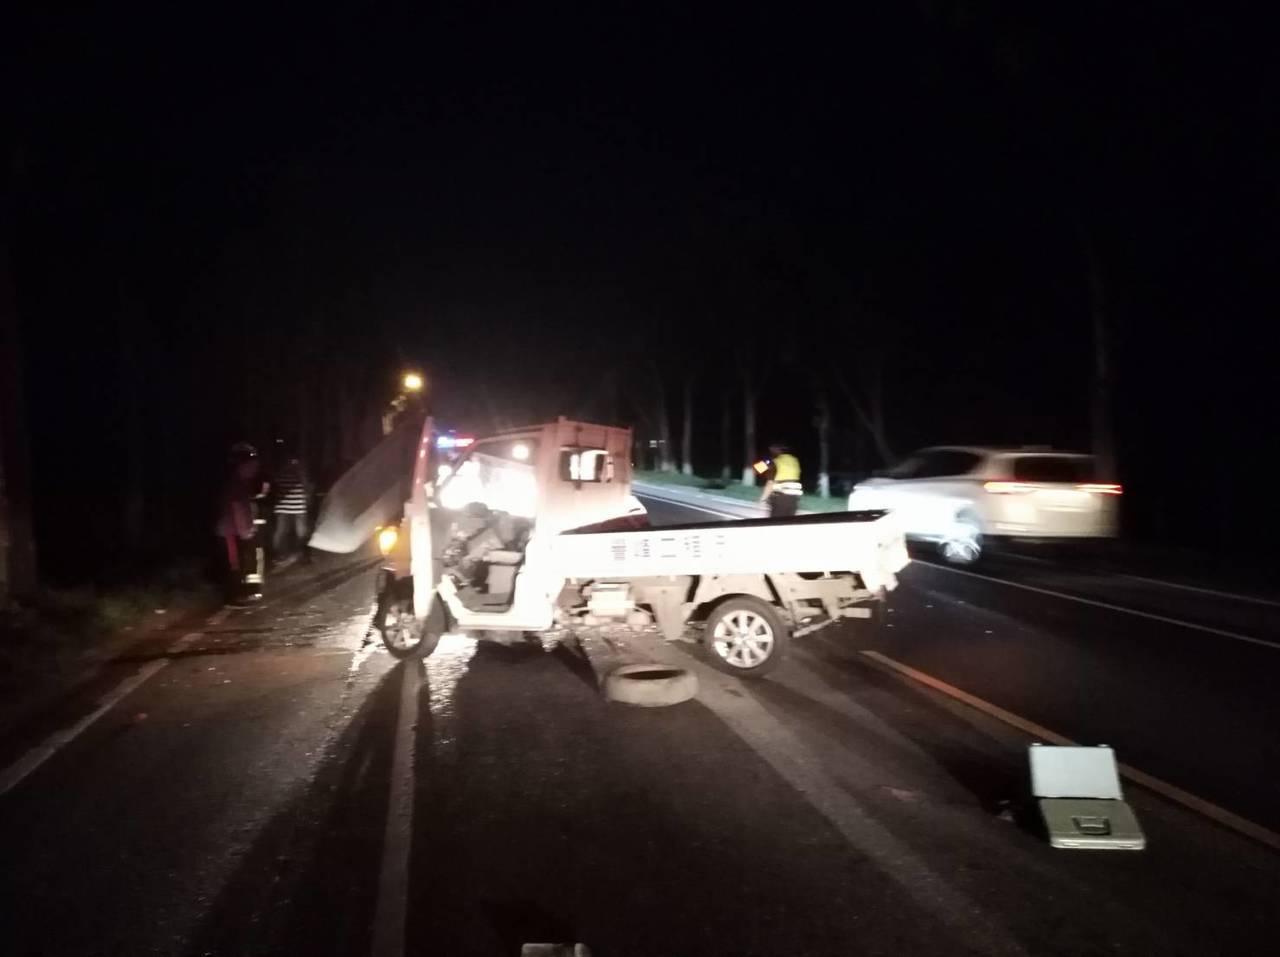 台9線288.6公里花蓮玉里段,今晚發生小貨車自撞事故。圖/花蓮縣消防局提供